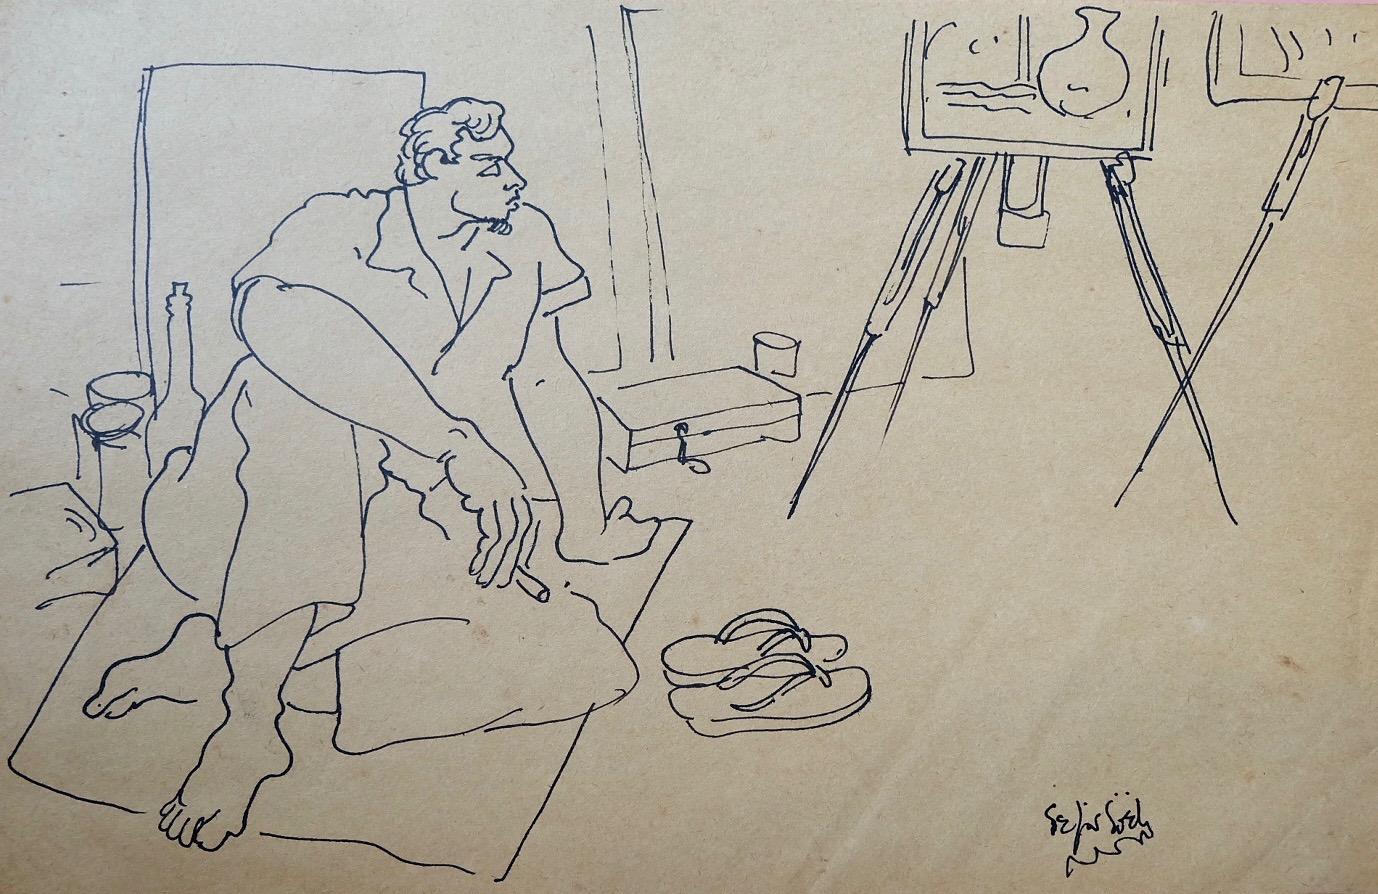 Artist: Fajar Sidik, b.1930 (Indonesia)    Title: Di Studio 2 Medium: ink on paper   Dimension: 22 cm x 33 cm Year: